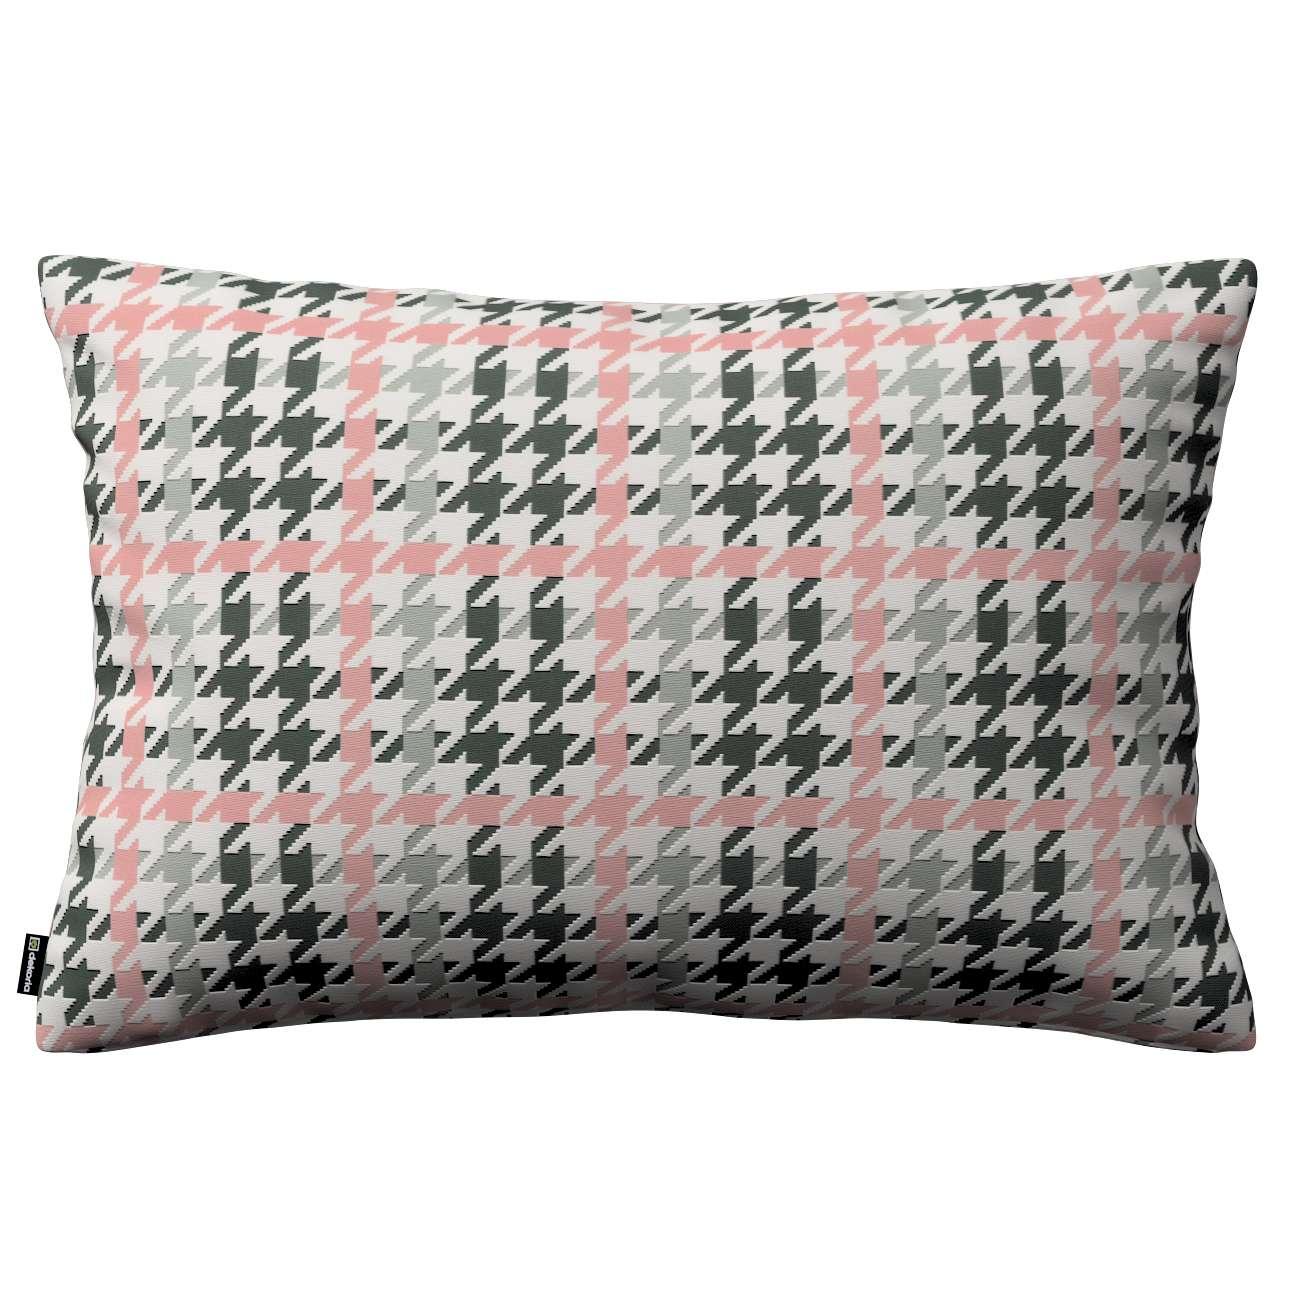 Kinga dekoratyvinės pagalvėlės užvalkalas 60x40cm 60x40cm kolekcijoje Brooklyn, audinys: 137-75